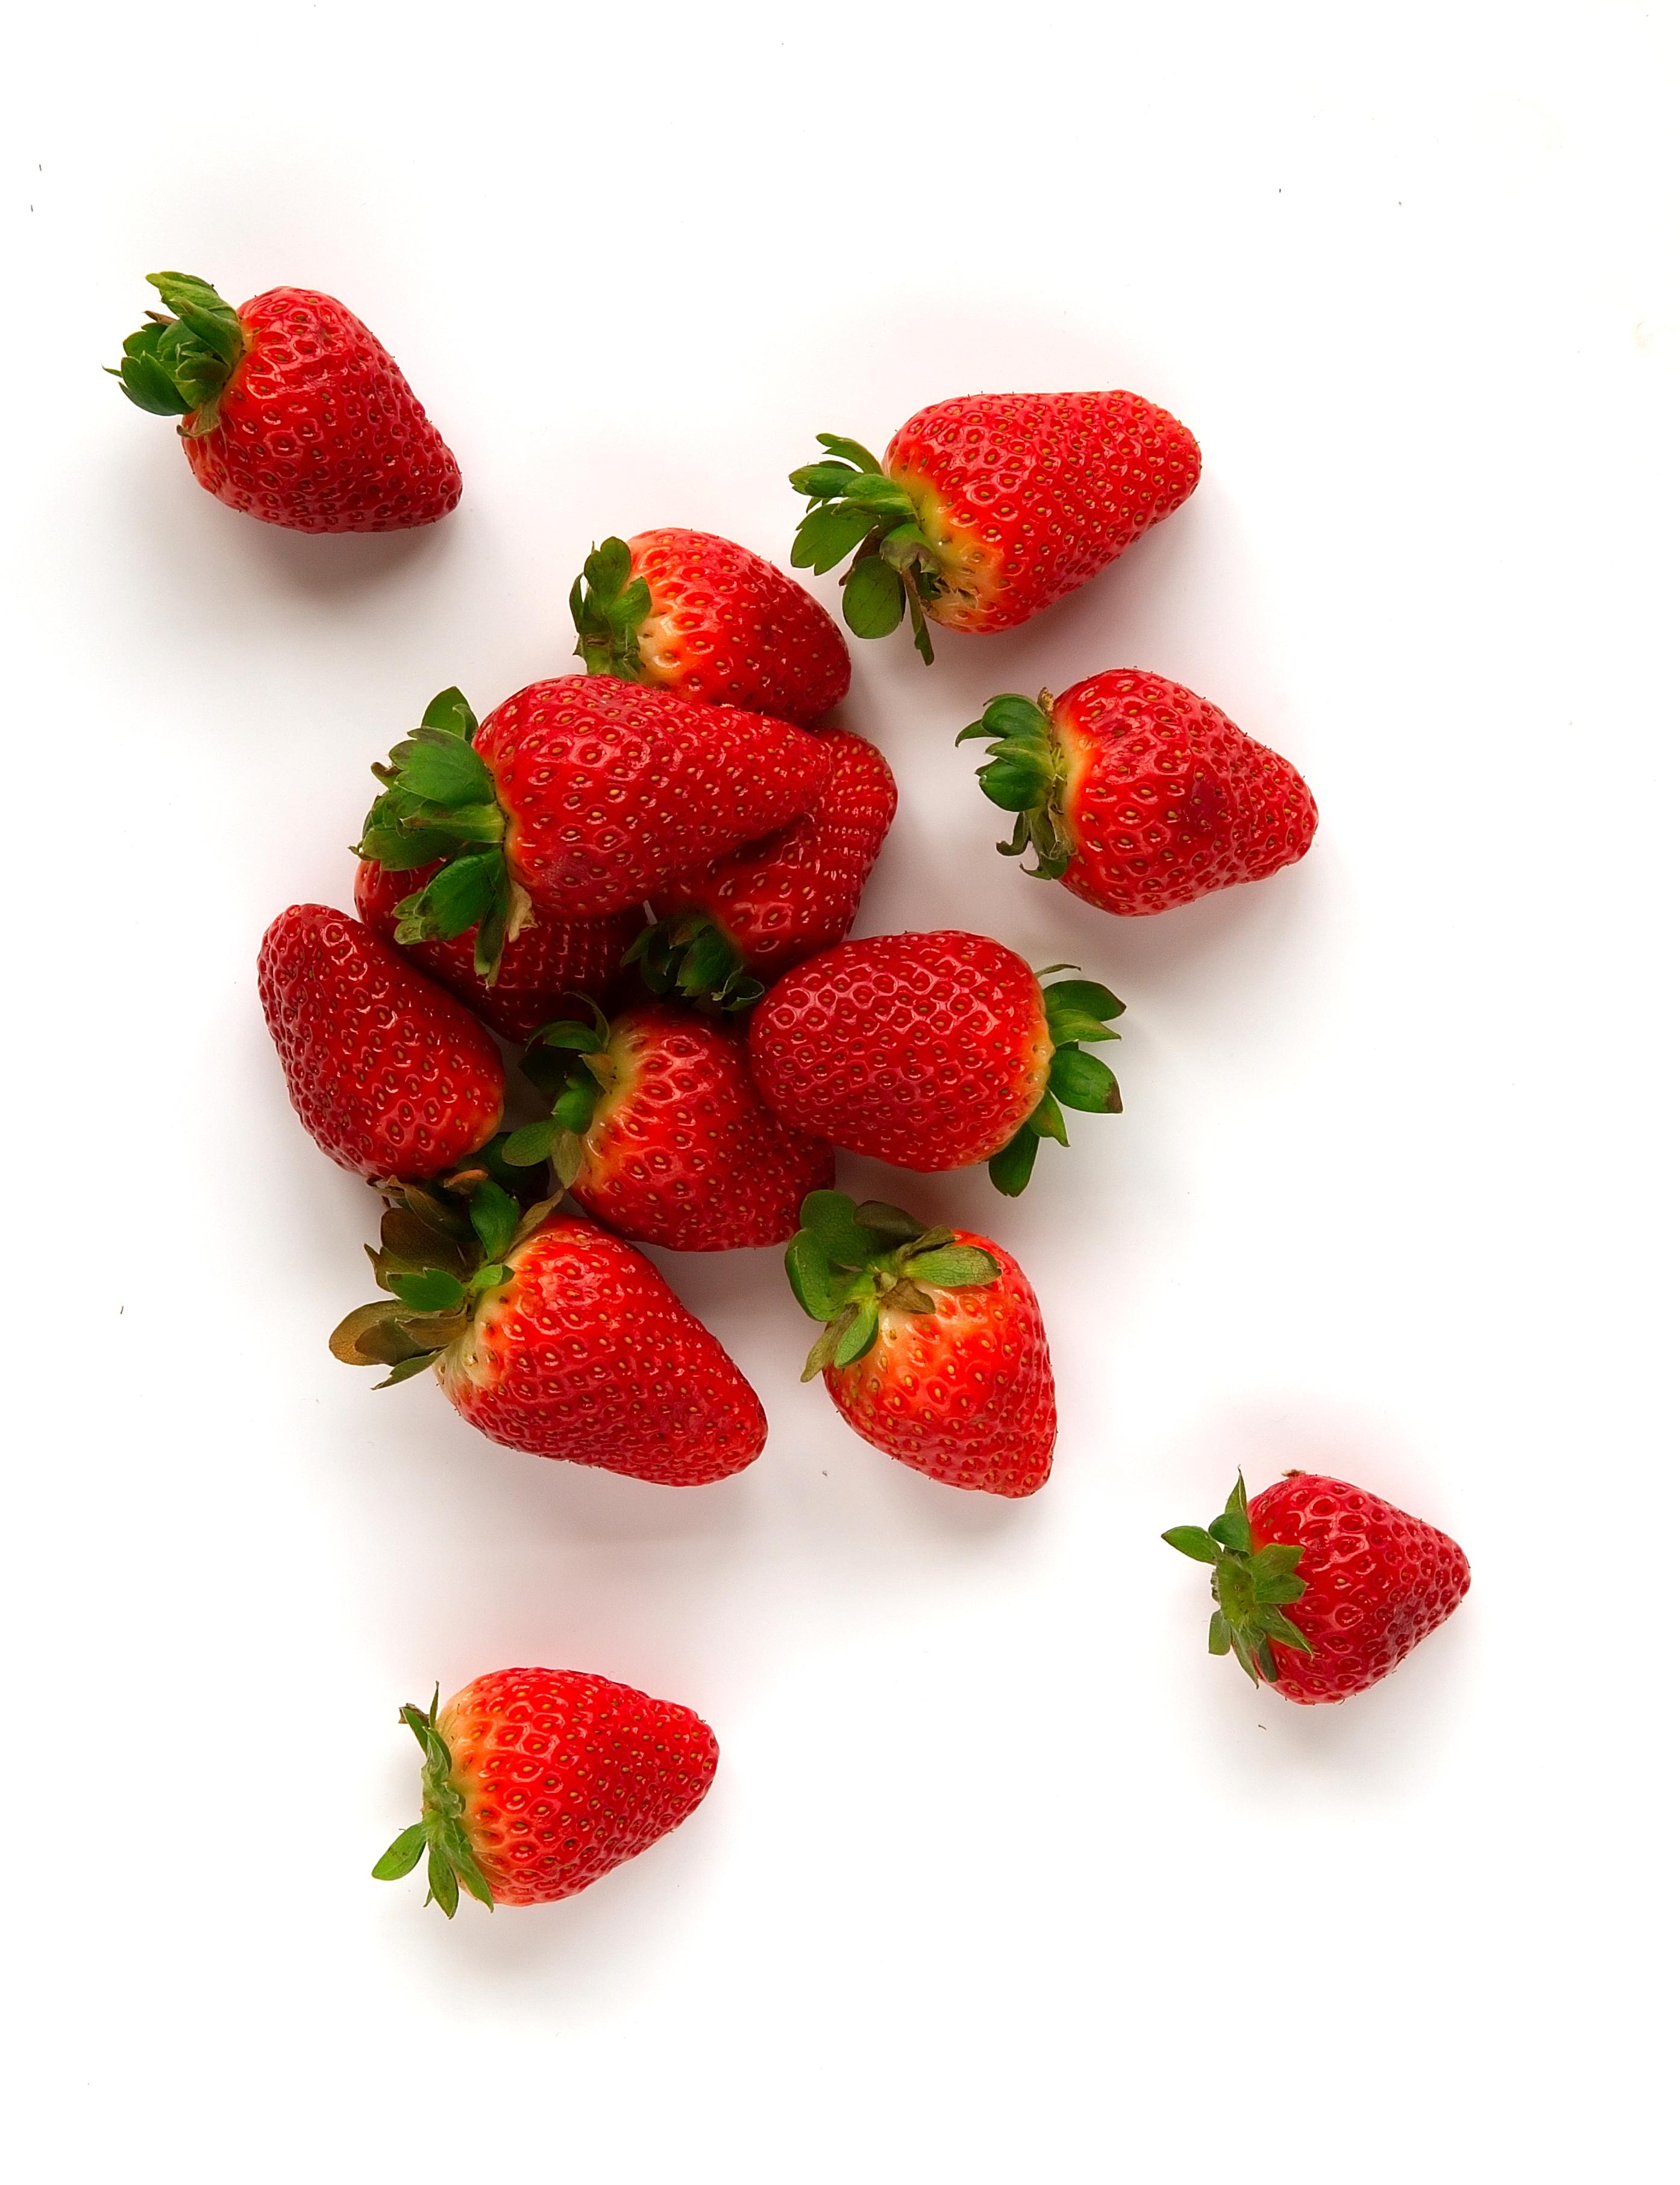 Wallpaper hd fraise